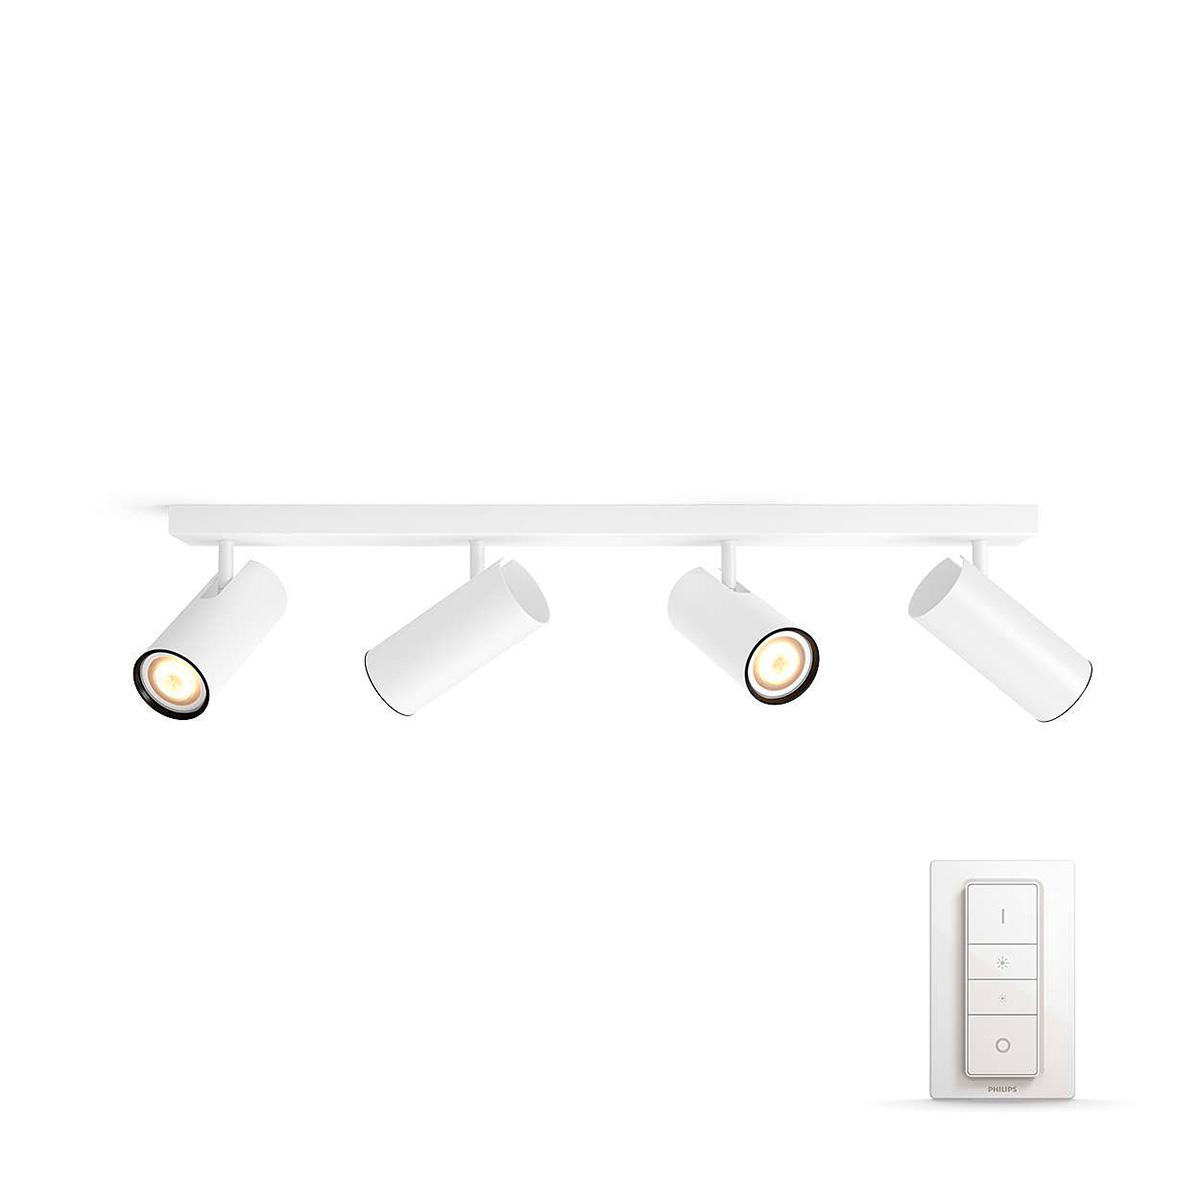 Billede af Philips Connected loftlampe med spot - White ambiance - Buratto - Hvid